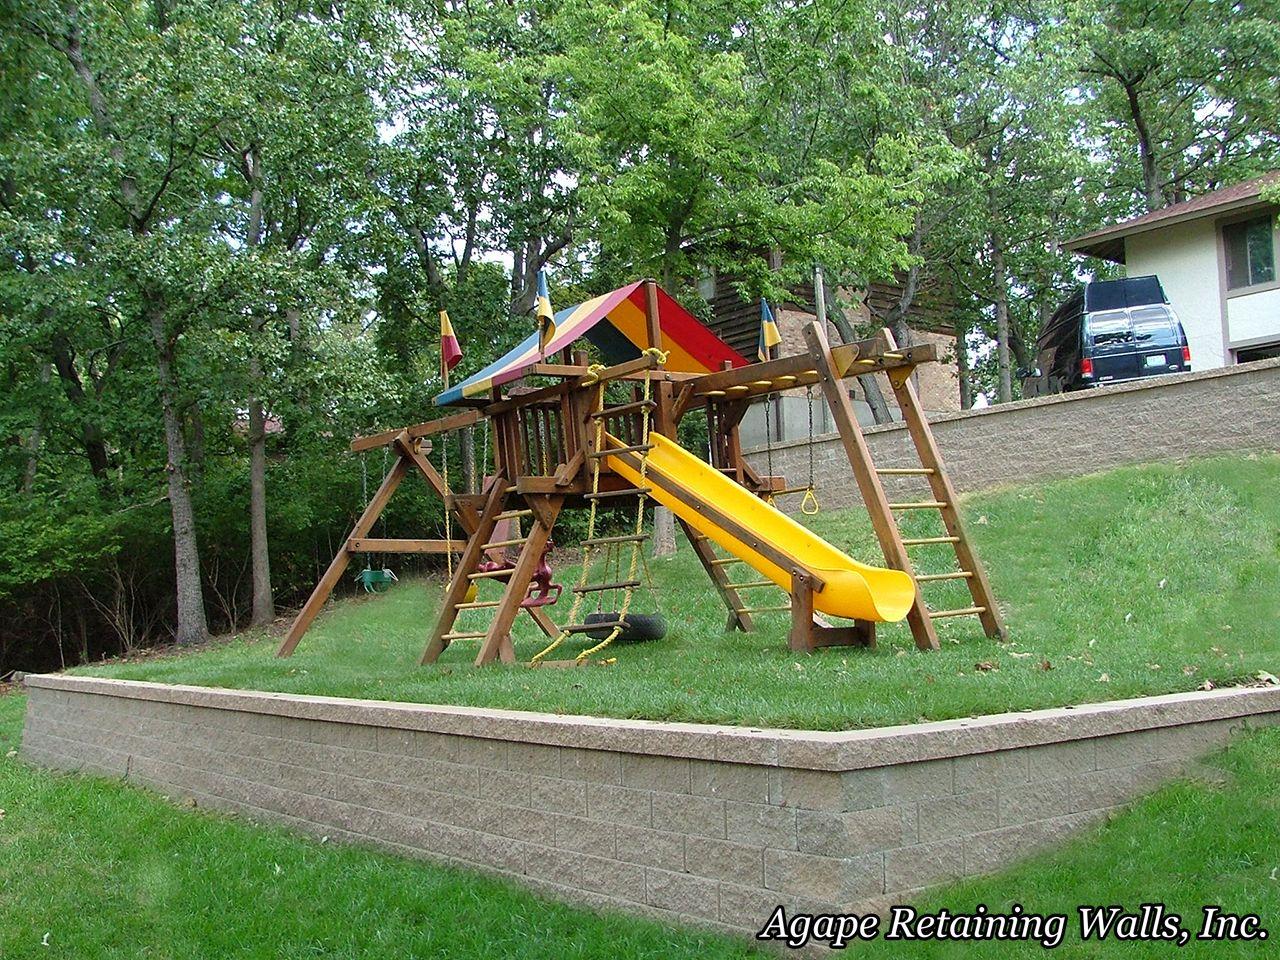 swingset on sloped/retaining wall yard   Backyard ... on Retaining Wall Ideas For Sloped Backyard id=38687